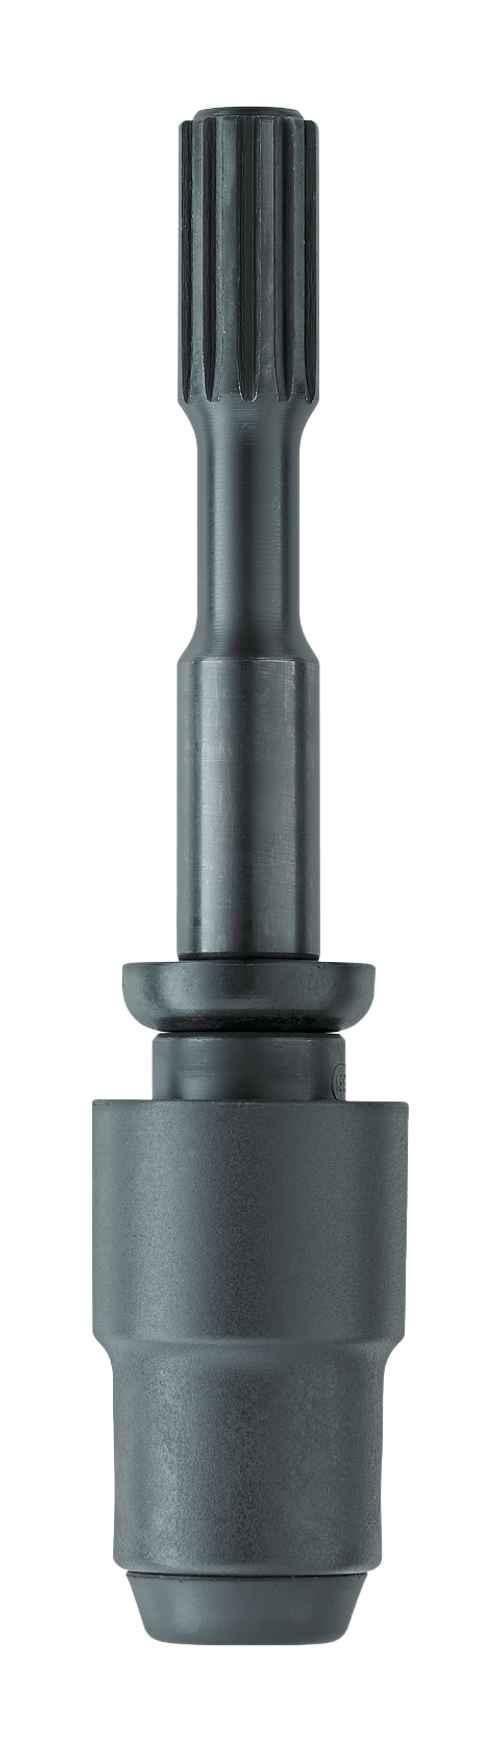 Drill Bit Shank Adaptors